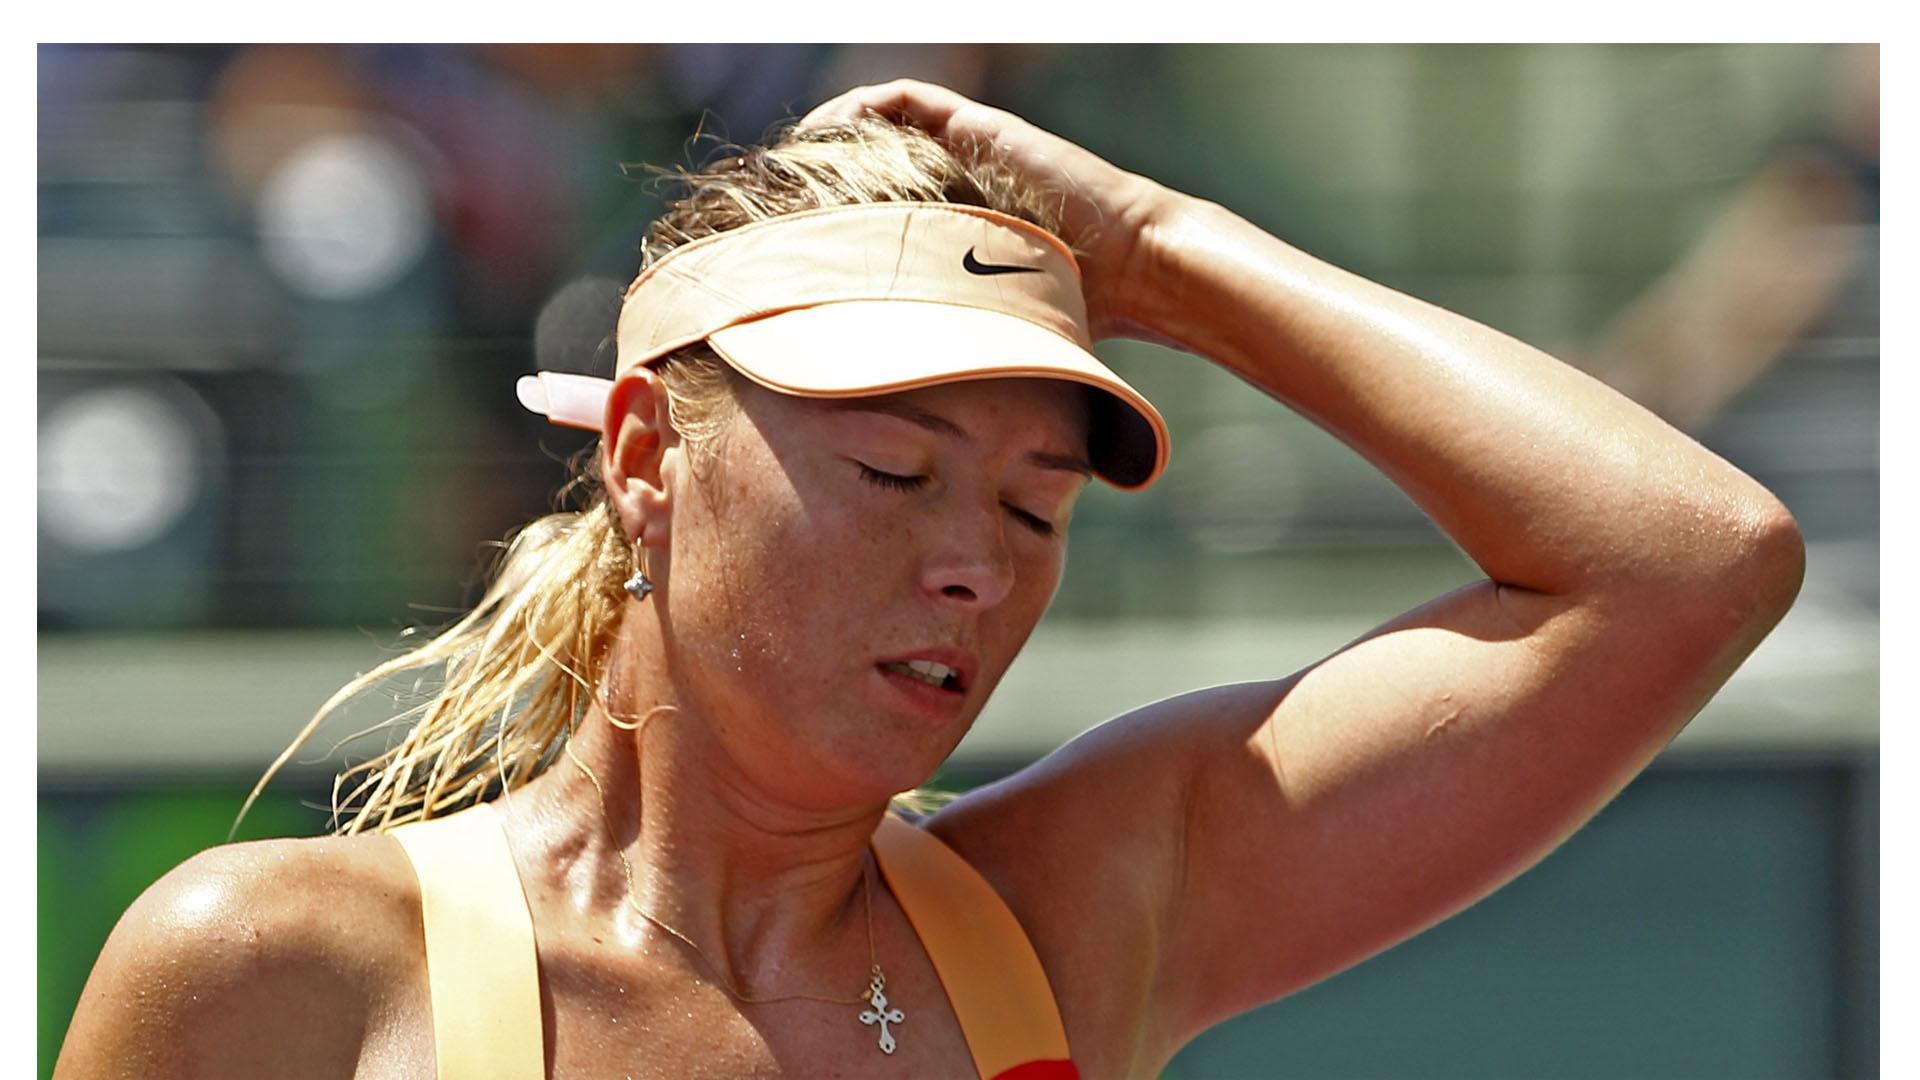 La información la dio el presidente de la federación rusa de tenis quien dijo que está en contacto con la deportista